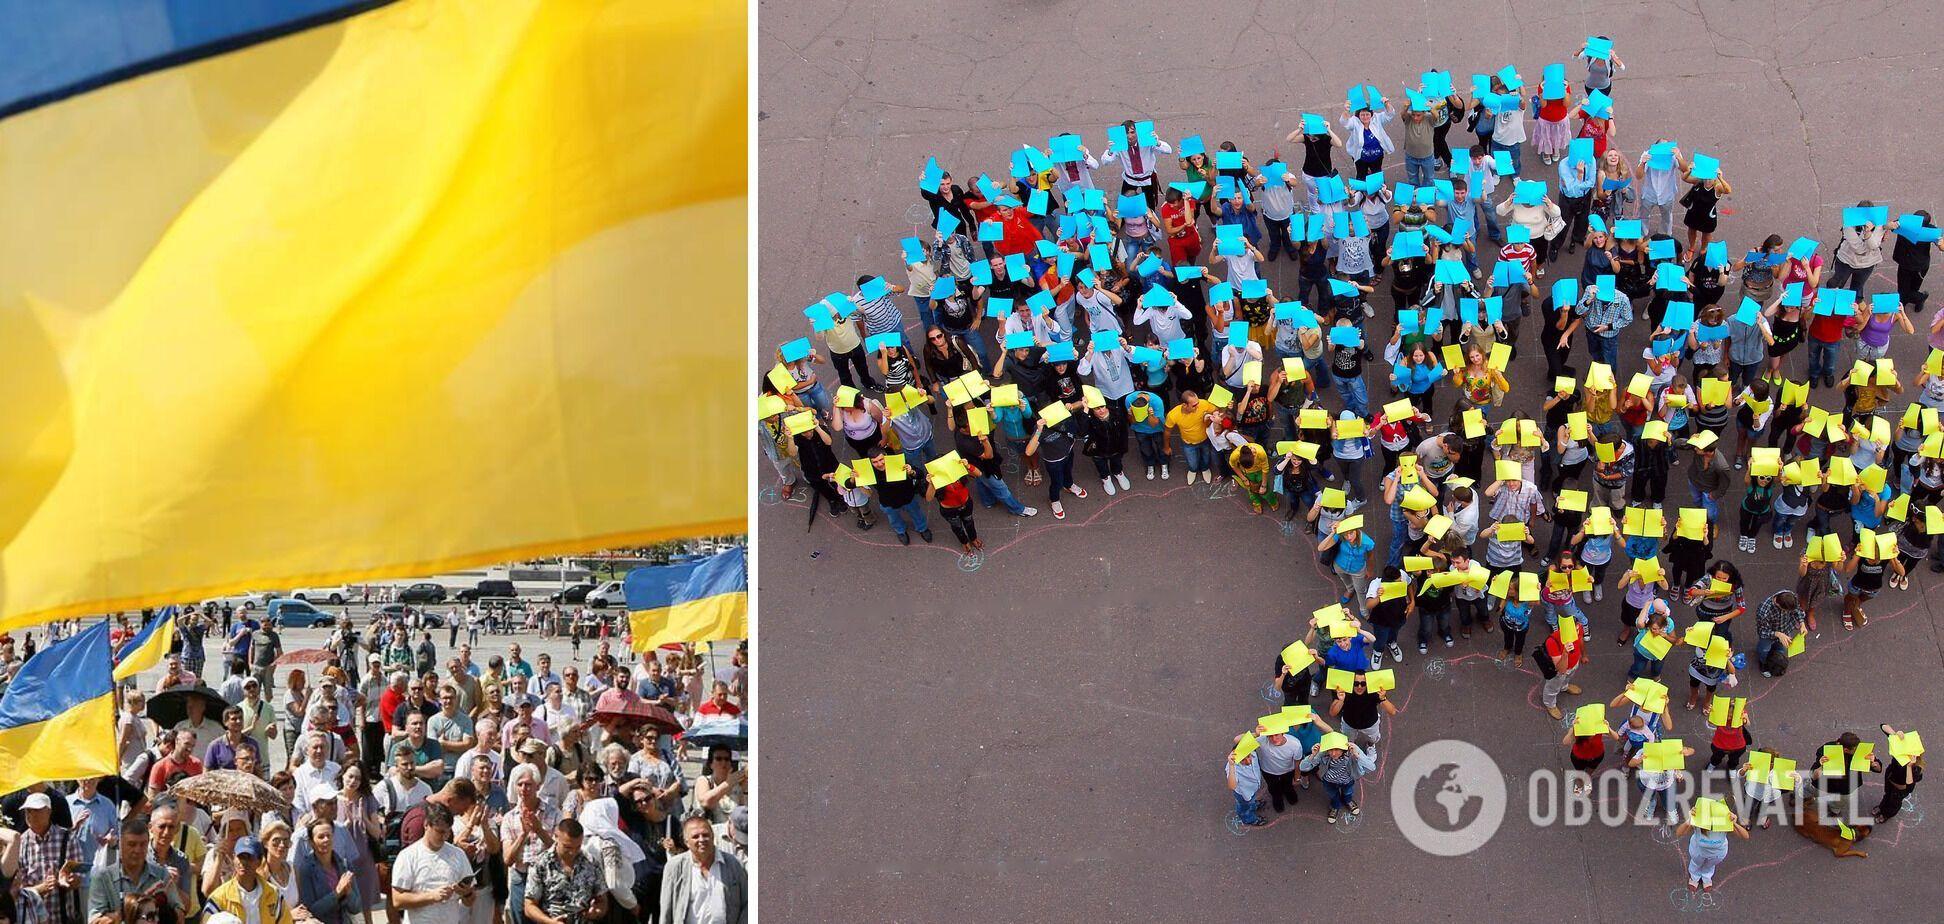 Ми вимираємо? За рік населення України зменшиться на 450 тисяч осіб